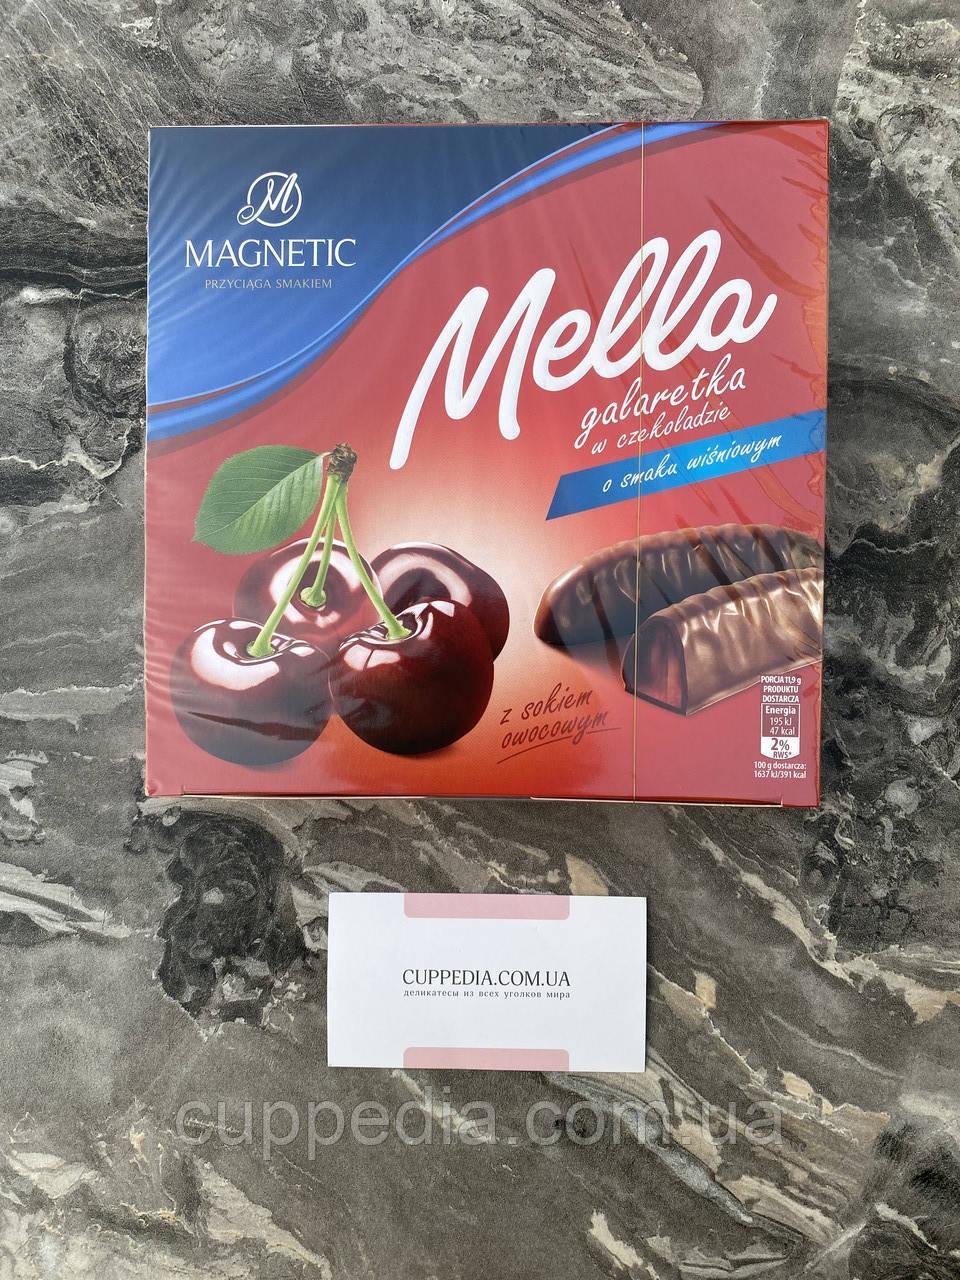 Конфеты Magnetic Mella Galaretka с вишневым соком 190 грм